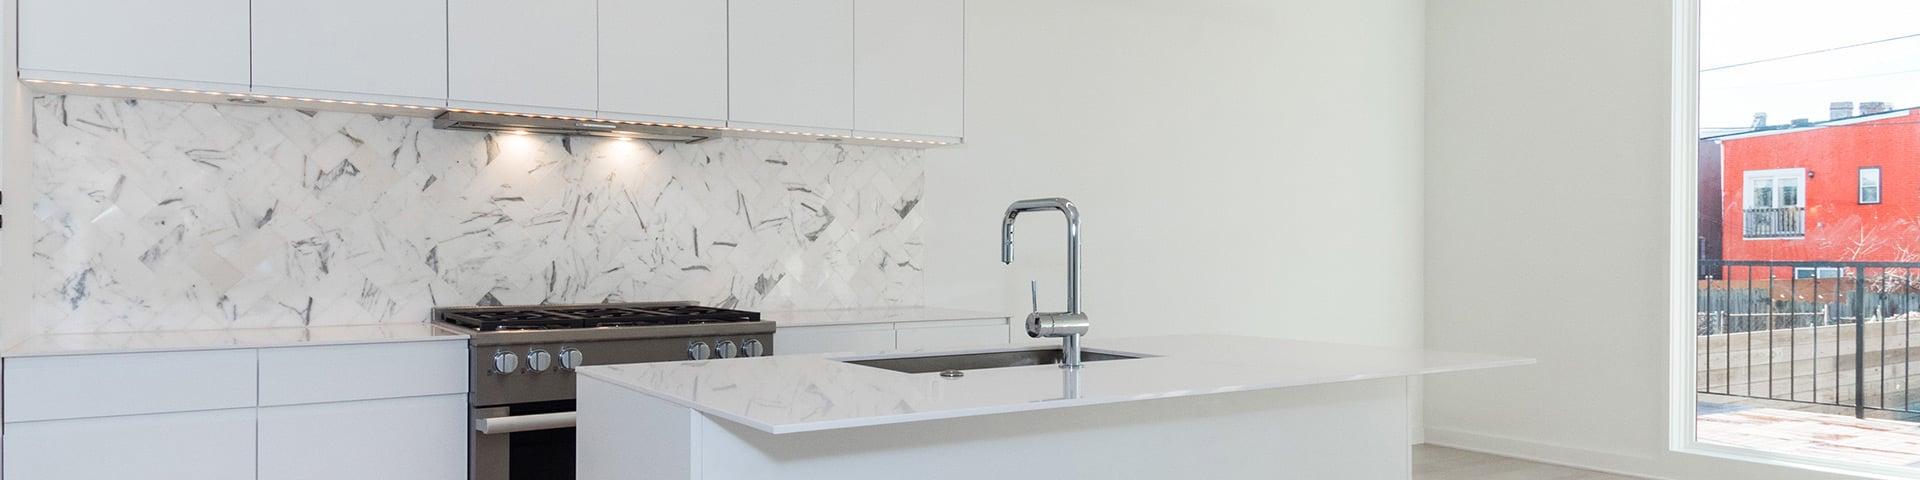 Modern Kitchen Cabinets Contemporary Frameless Rta Designer Kitchen Cabinets